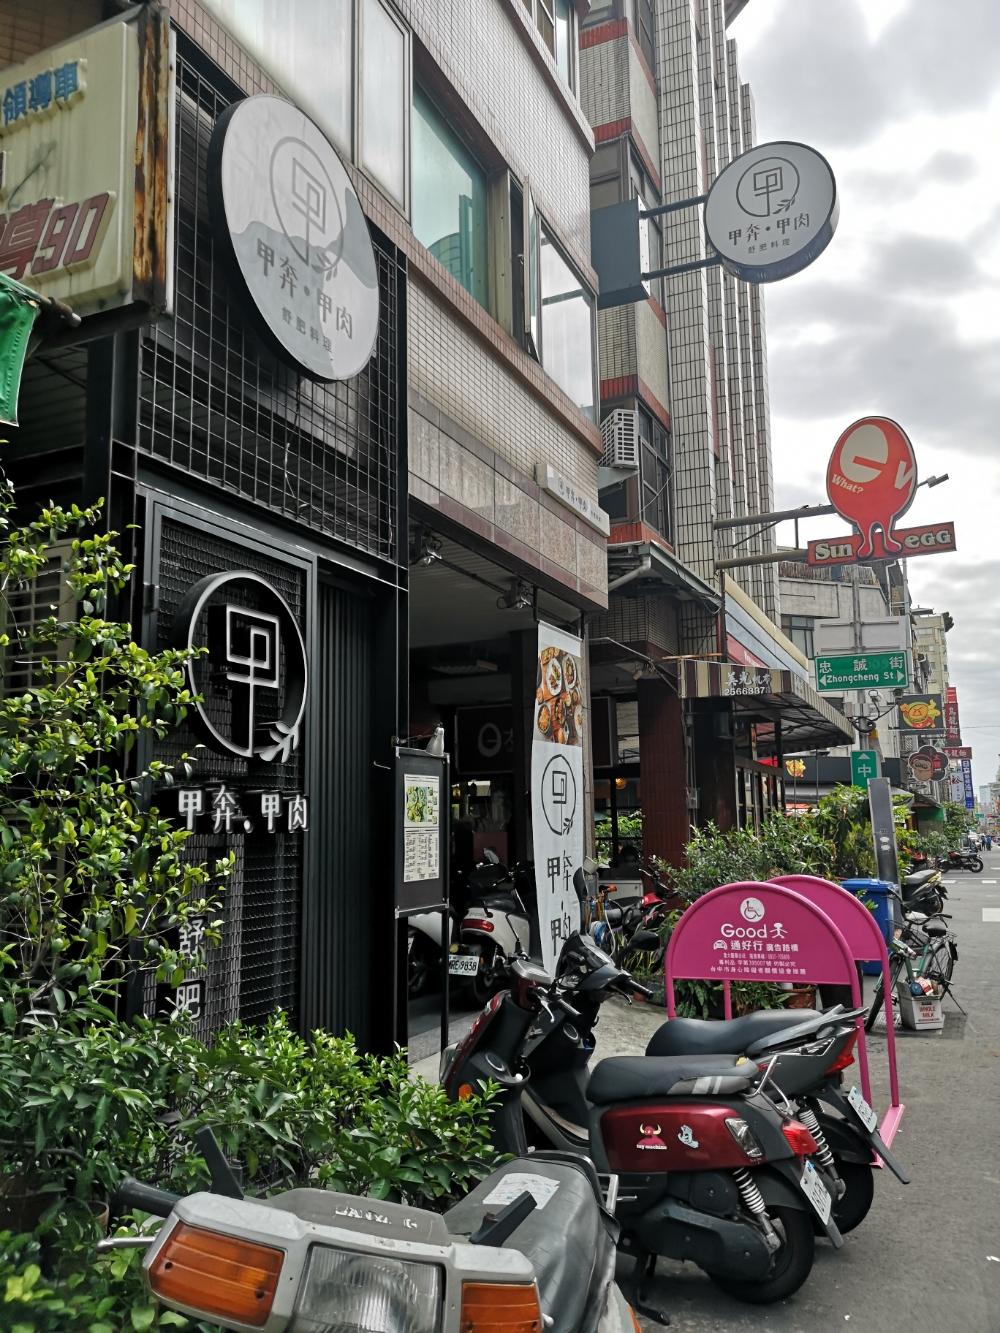 甲奔 甲肉 台中sogo附近餐廳,台中西區餐廳,台中聚餐餐廳。